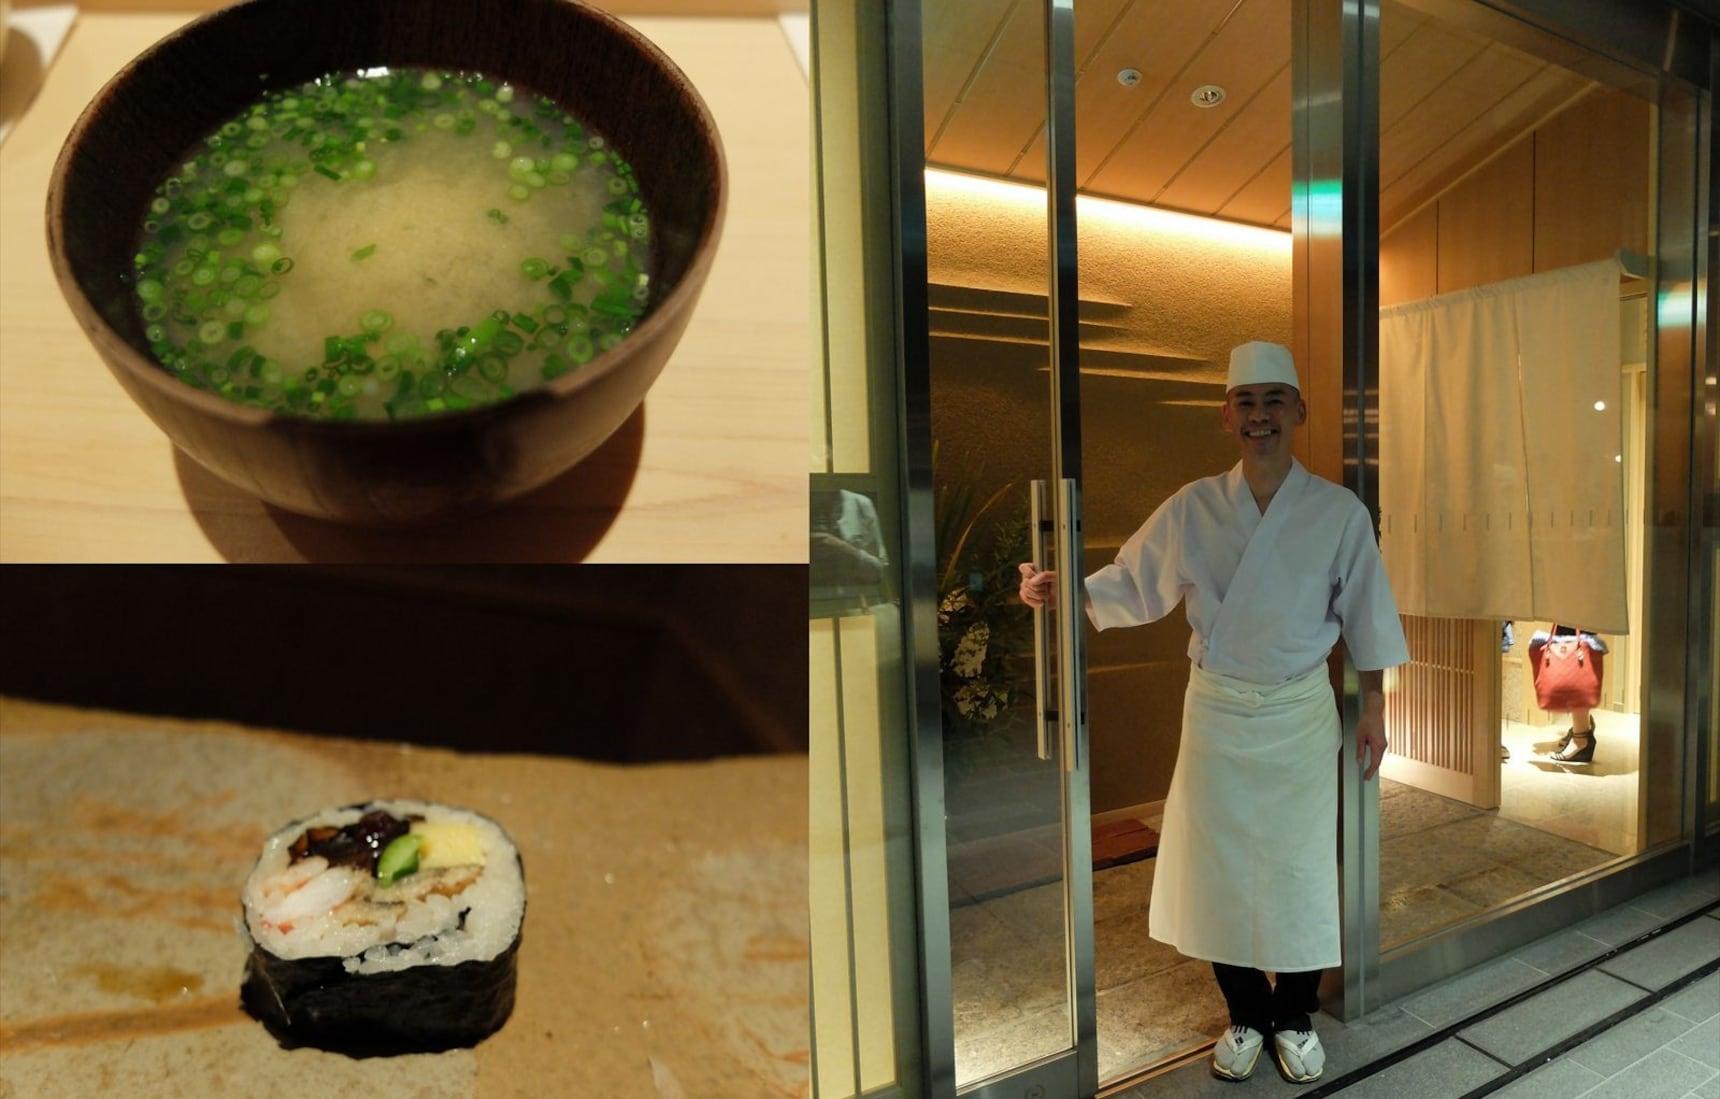 全世界坐席数最少的米其林三星店:斋藤寿司店